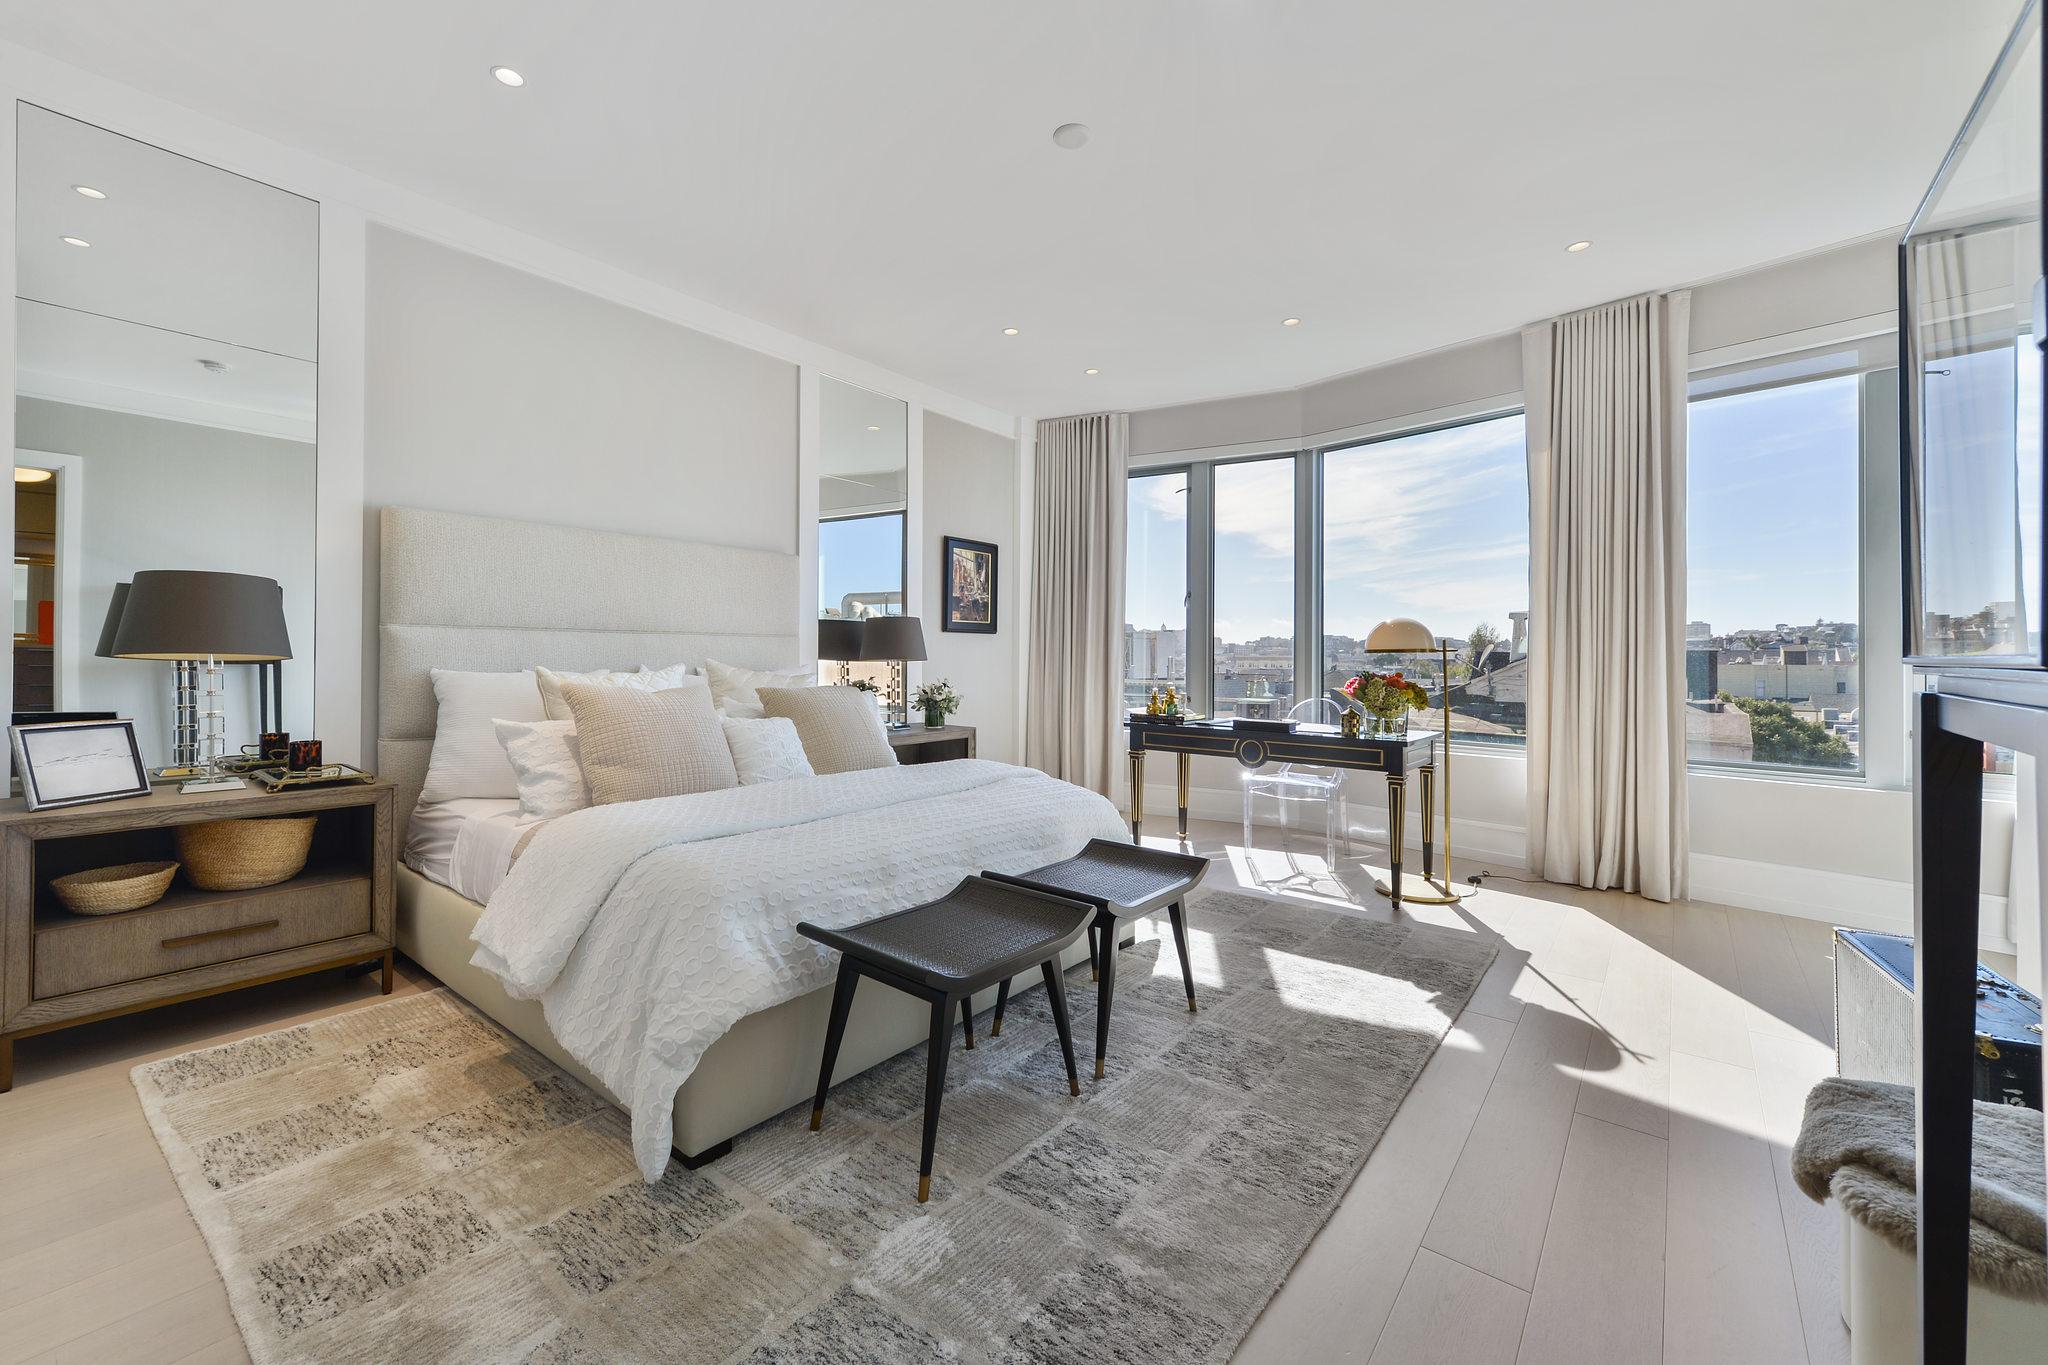 SF Luxury Home - Spacious Bedroom